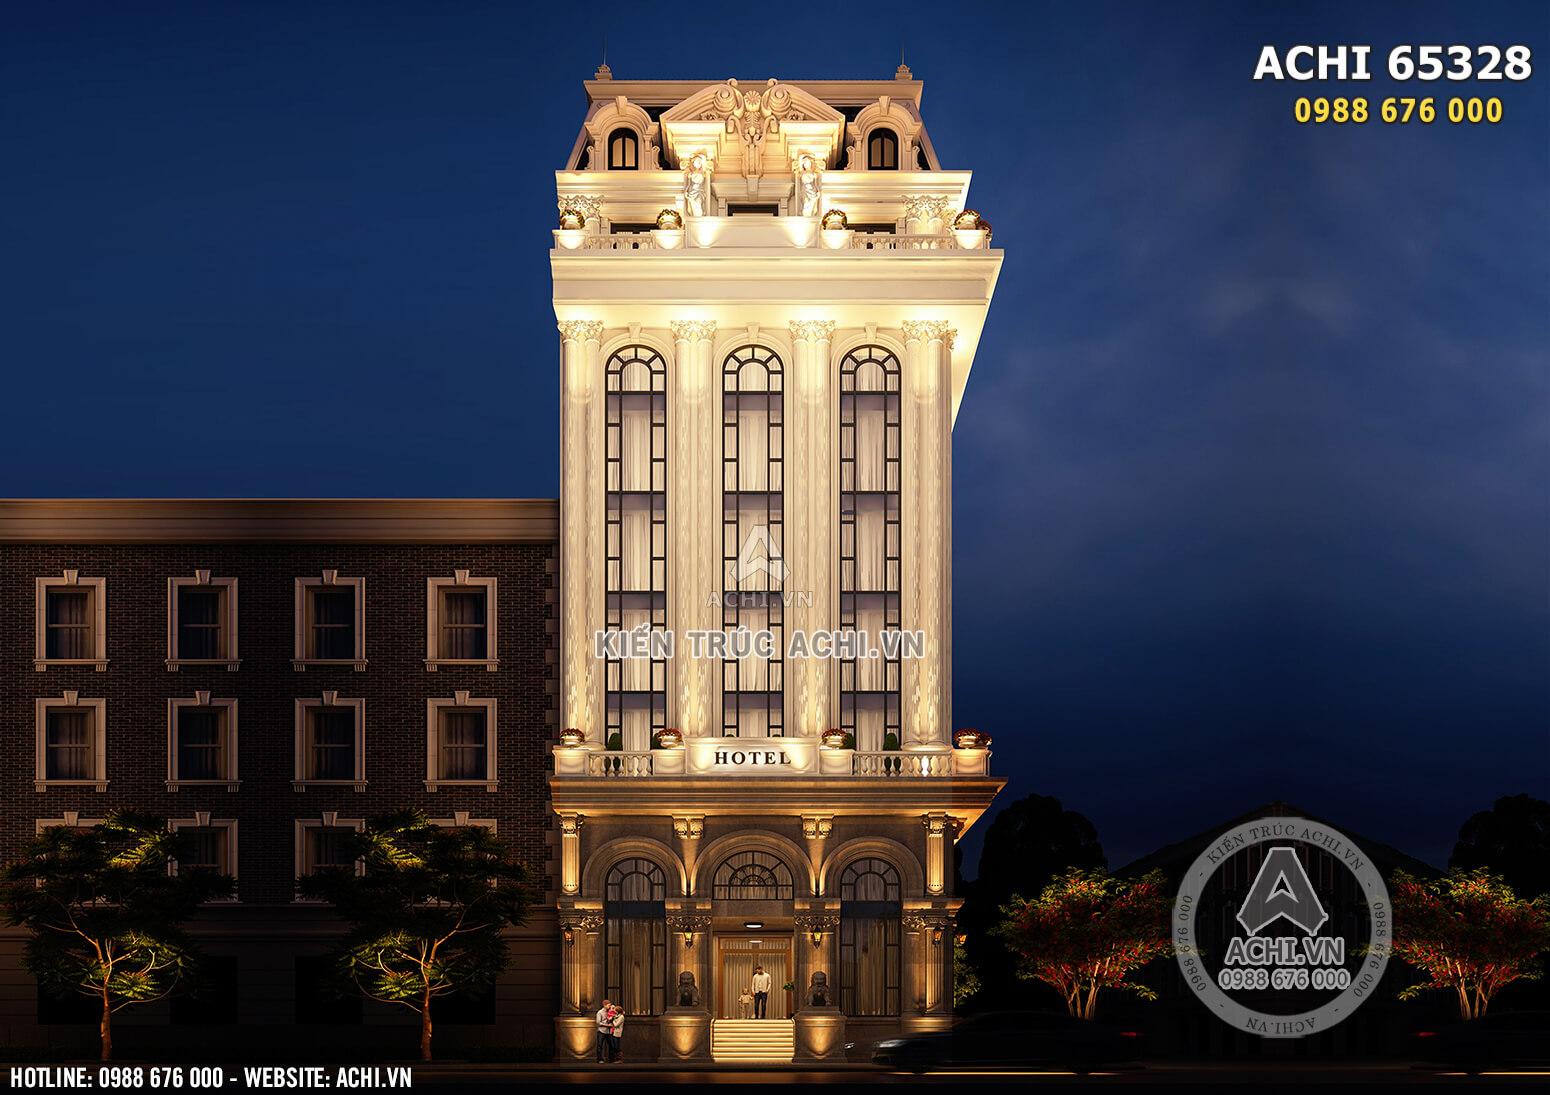 Hình ảnh: Mặt tiền mẫu thiết kế khách sạn theo tiêu chuẩn 5 sao - ACHI 65328